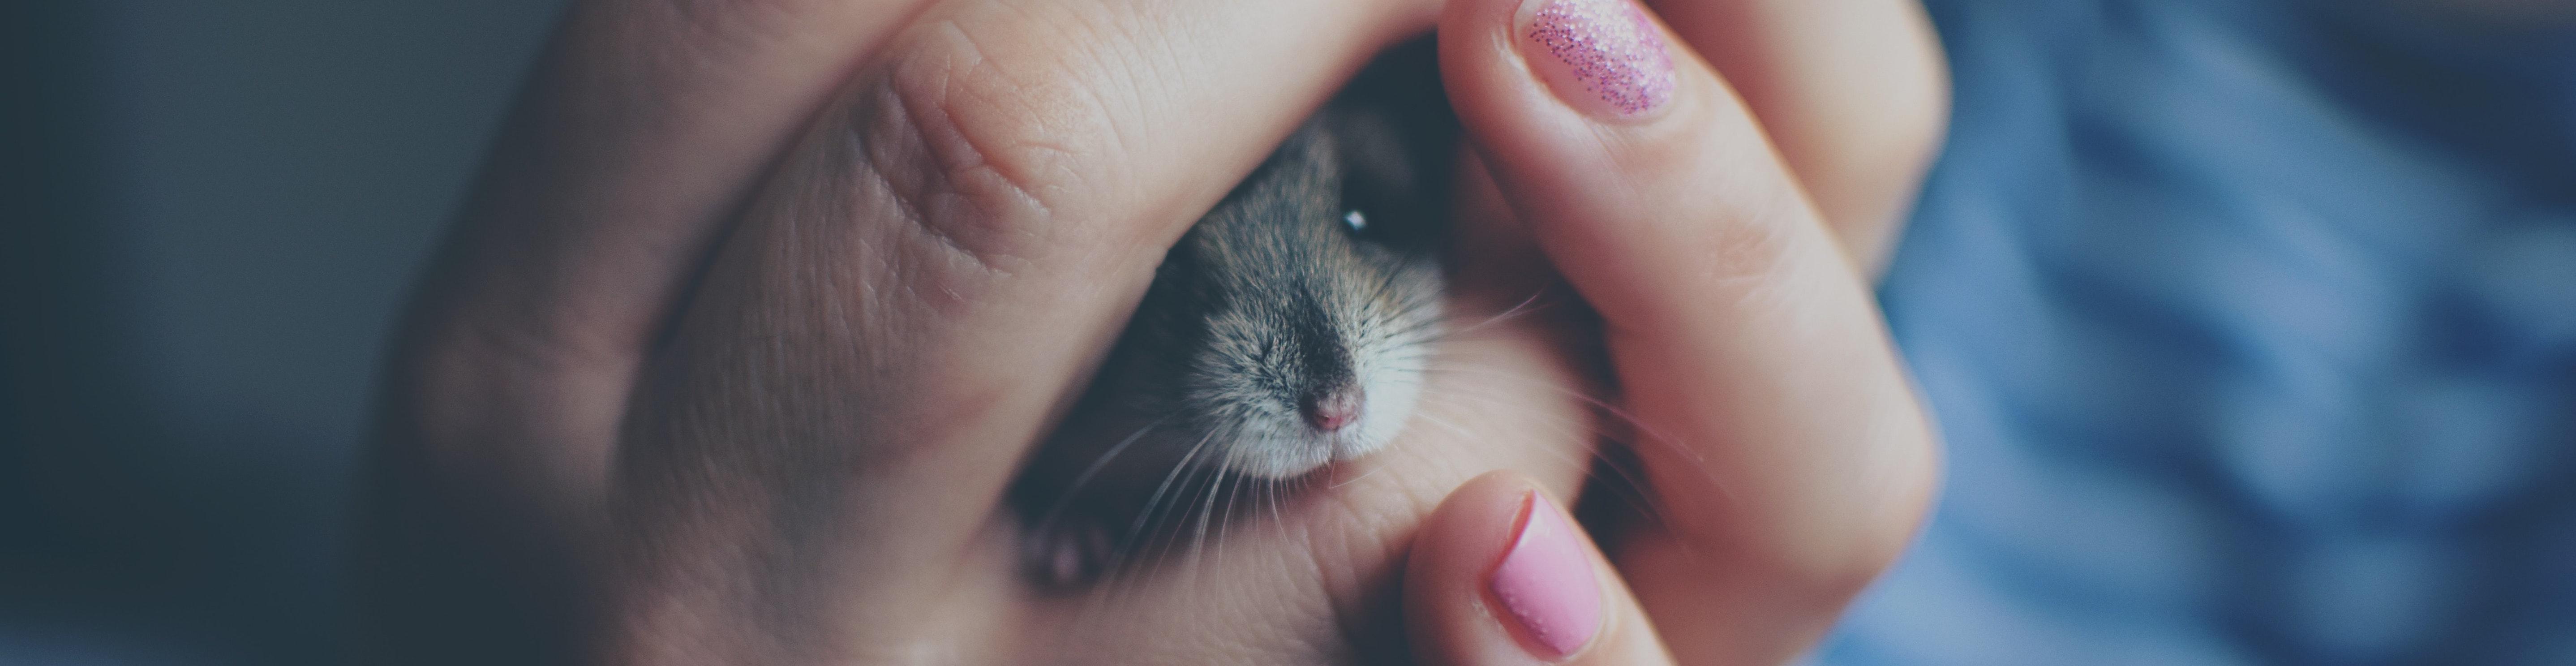 Girl holding hamster in hands